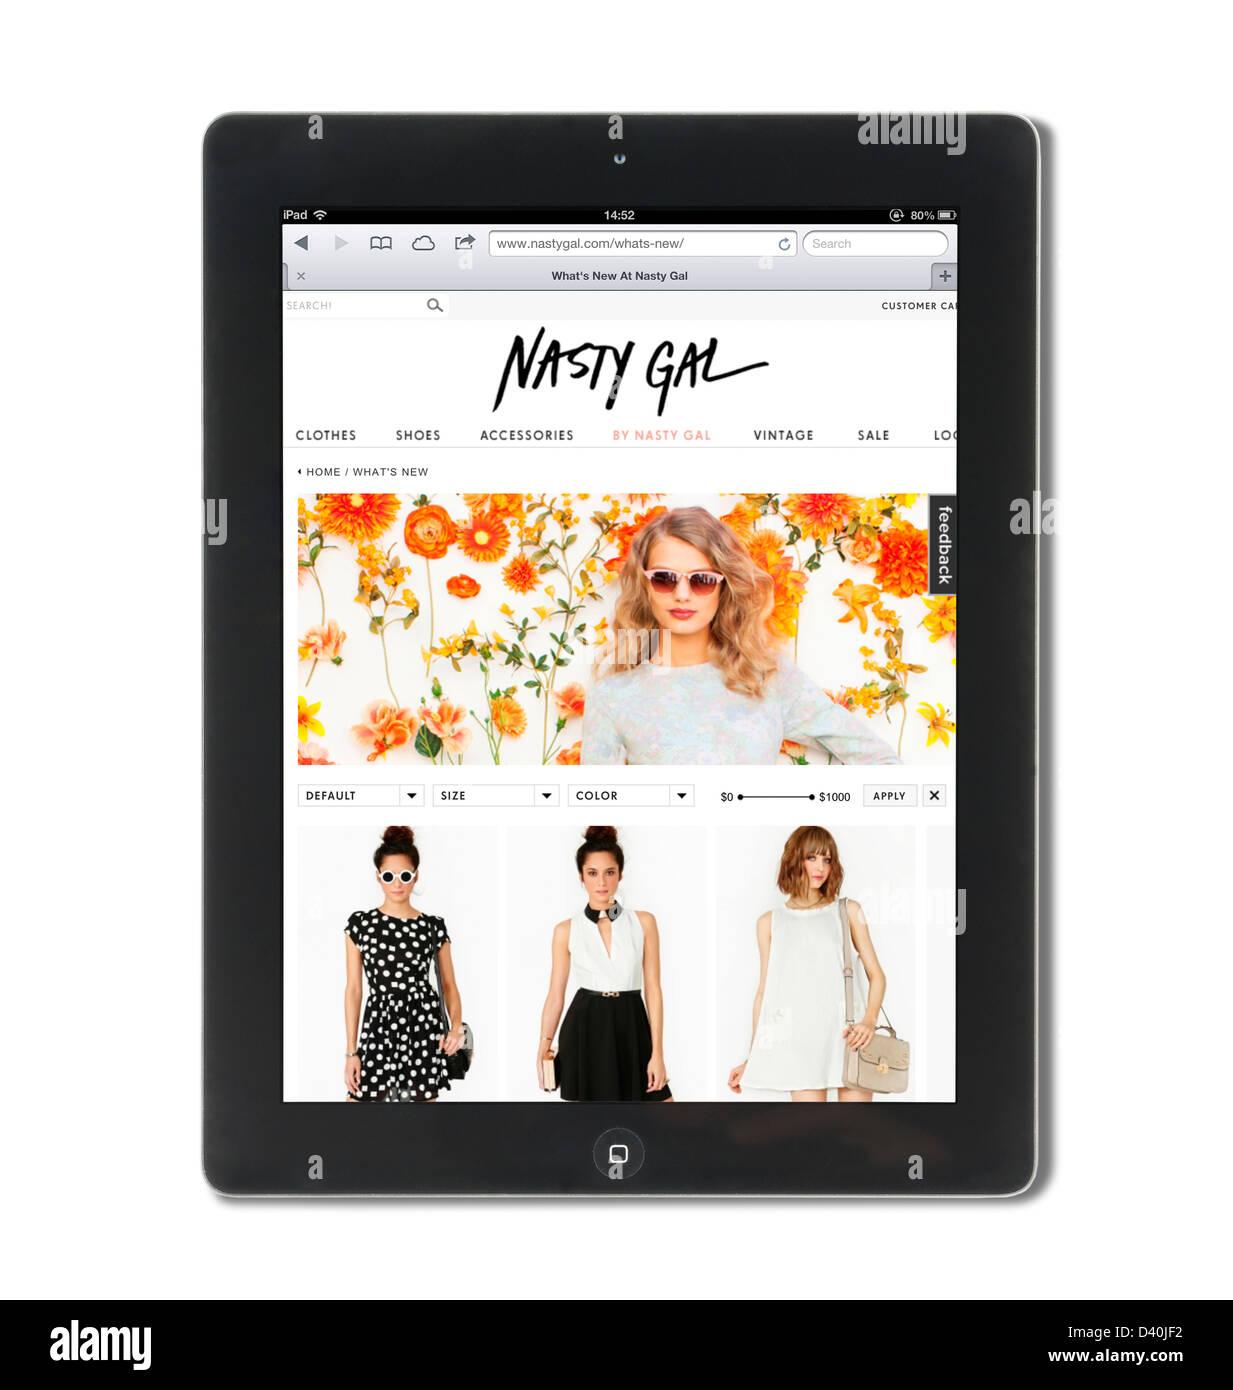 Böse Gal, der Rabatt Kleidung Website für junge Frauen, die auf einem Apple iPad gesehen Stockbild